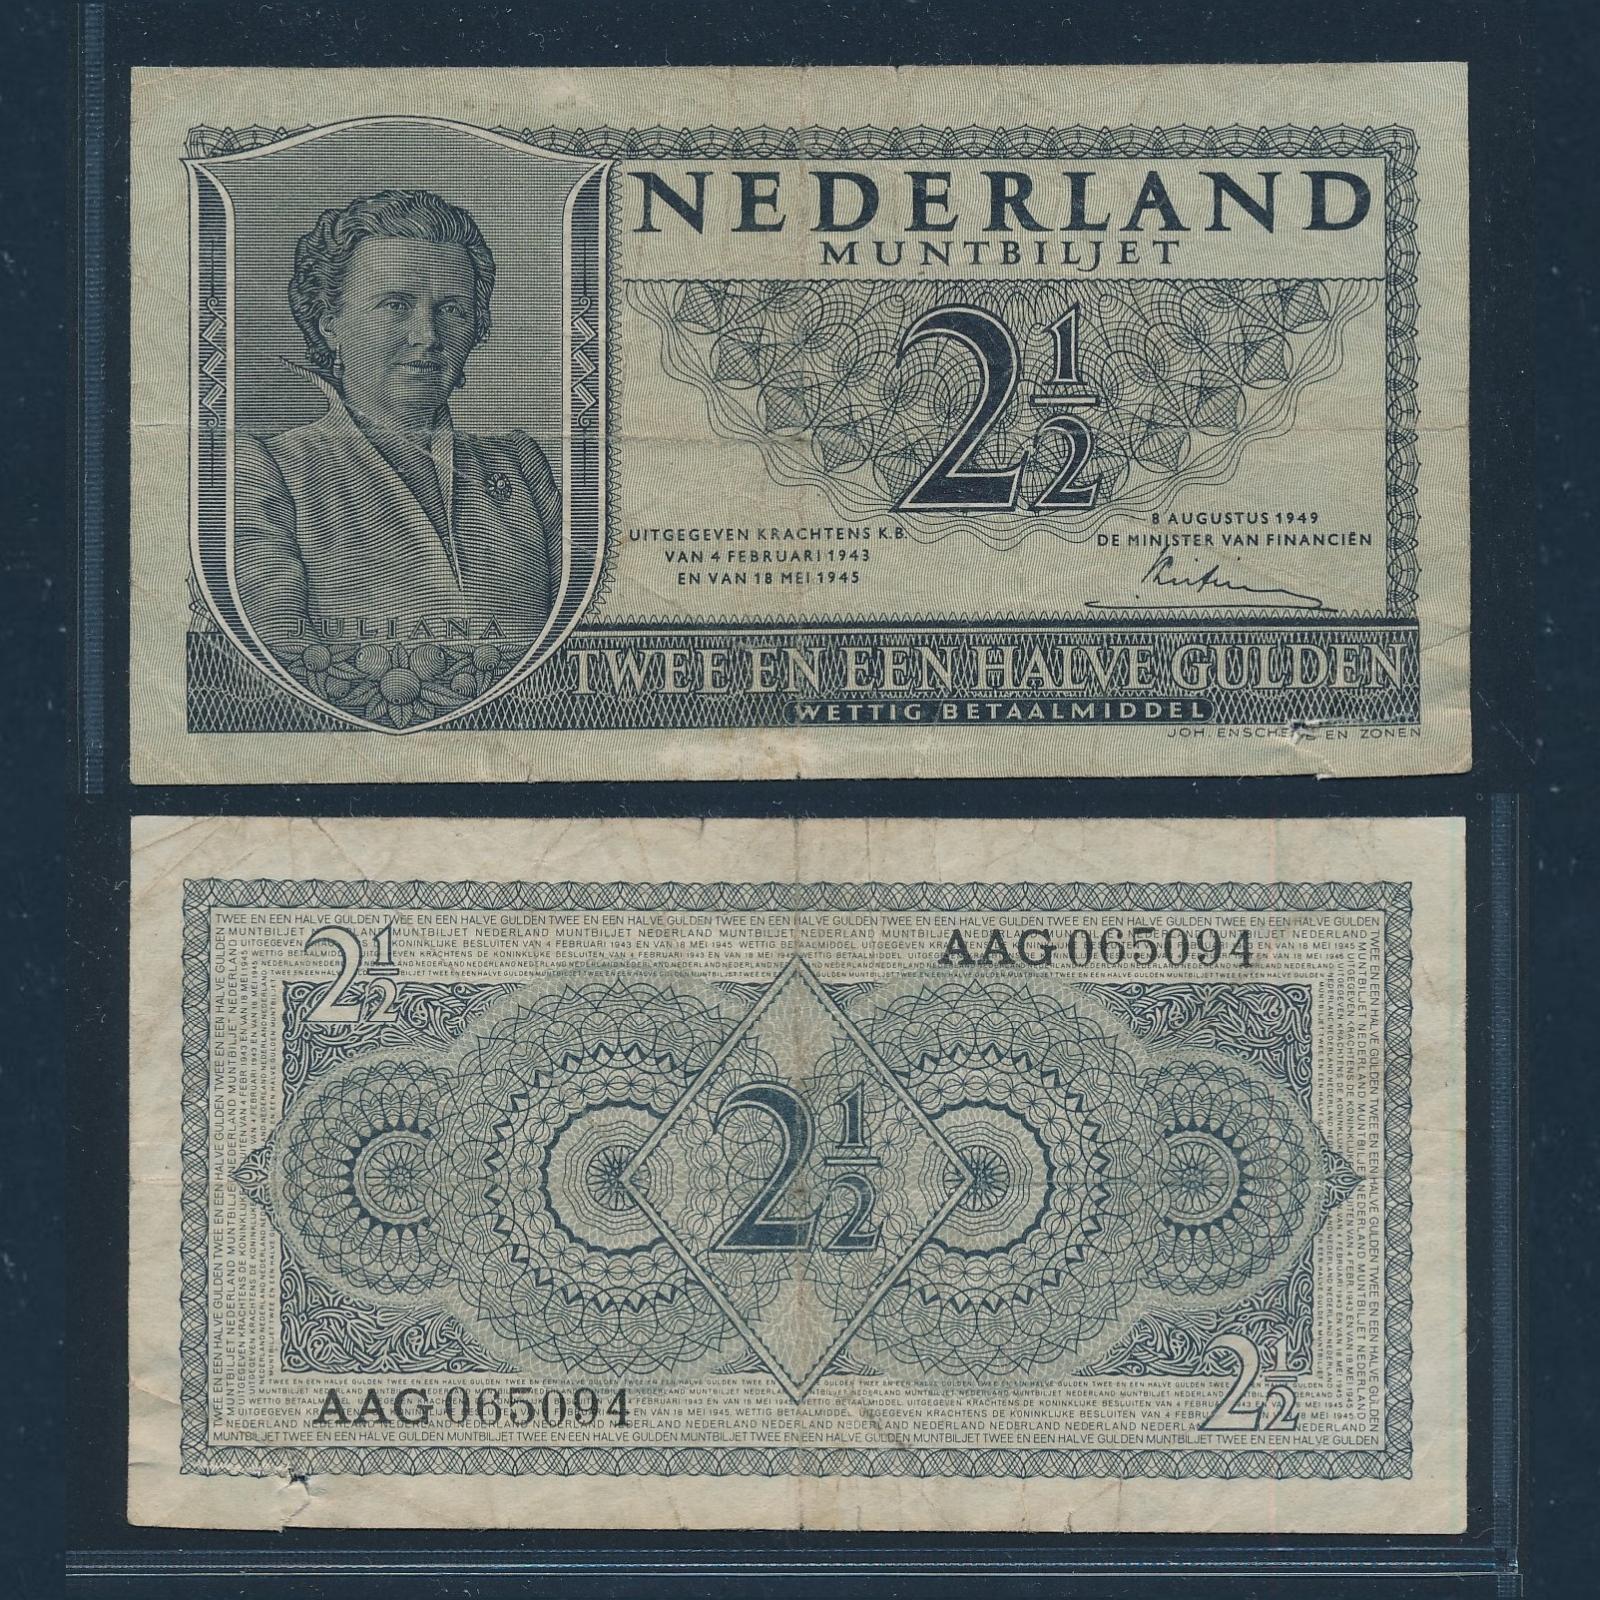 Nederland 1949 2 Gulden Juliana 3 letters 6 cijfers Muntbiljet Zeer Goed Schaars